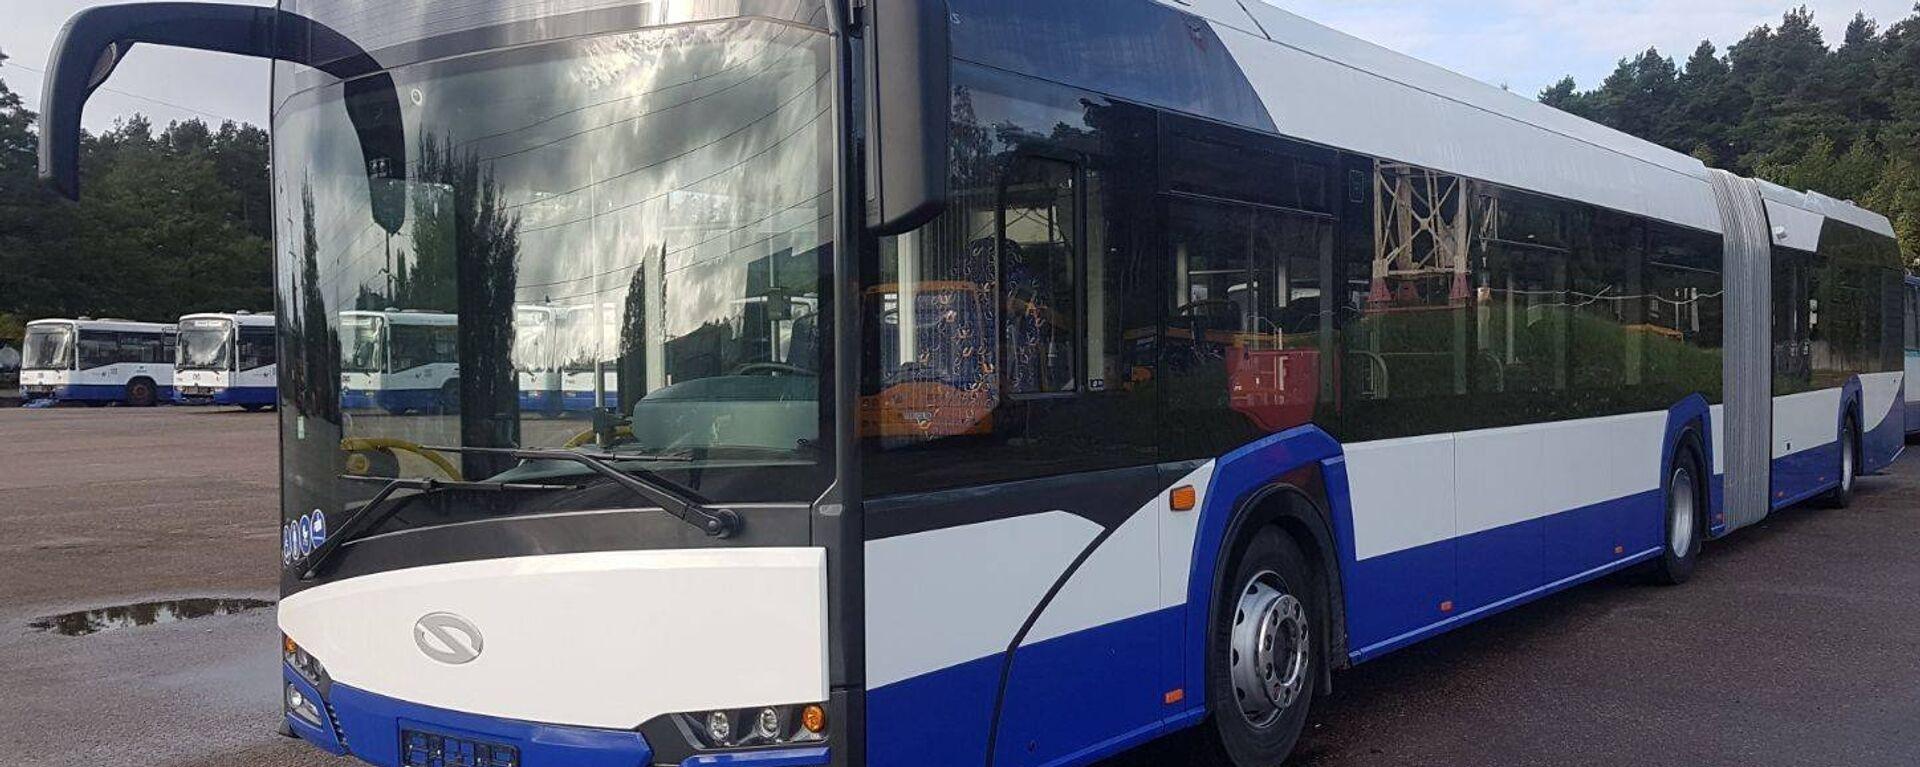 Новый автобус Solaris - Sputnik Латвия, 1920, 29.06.2021